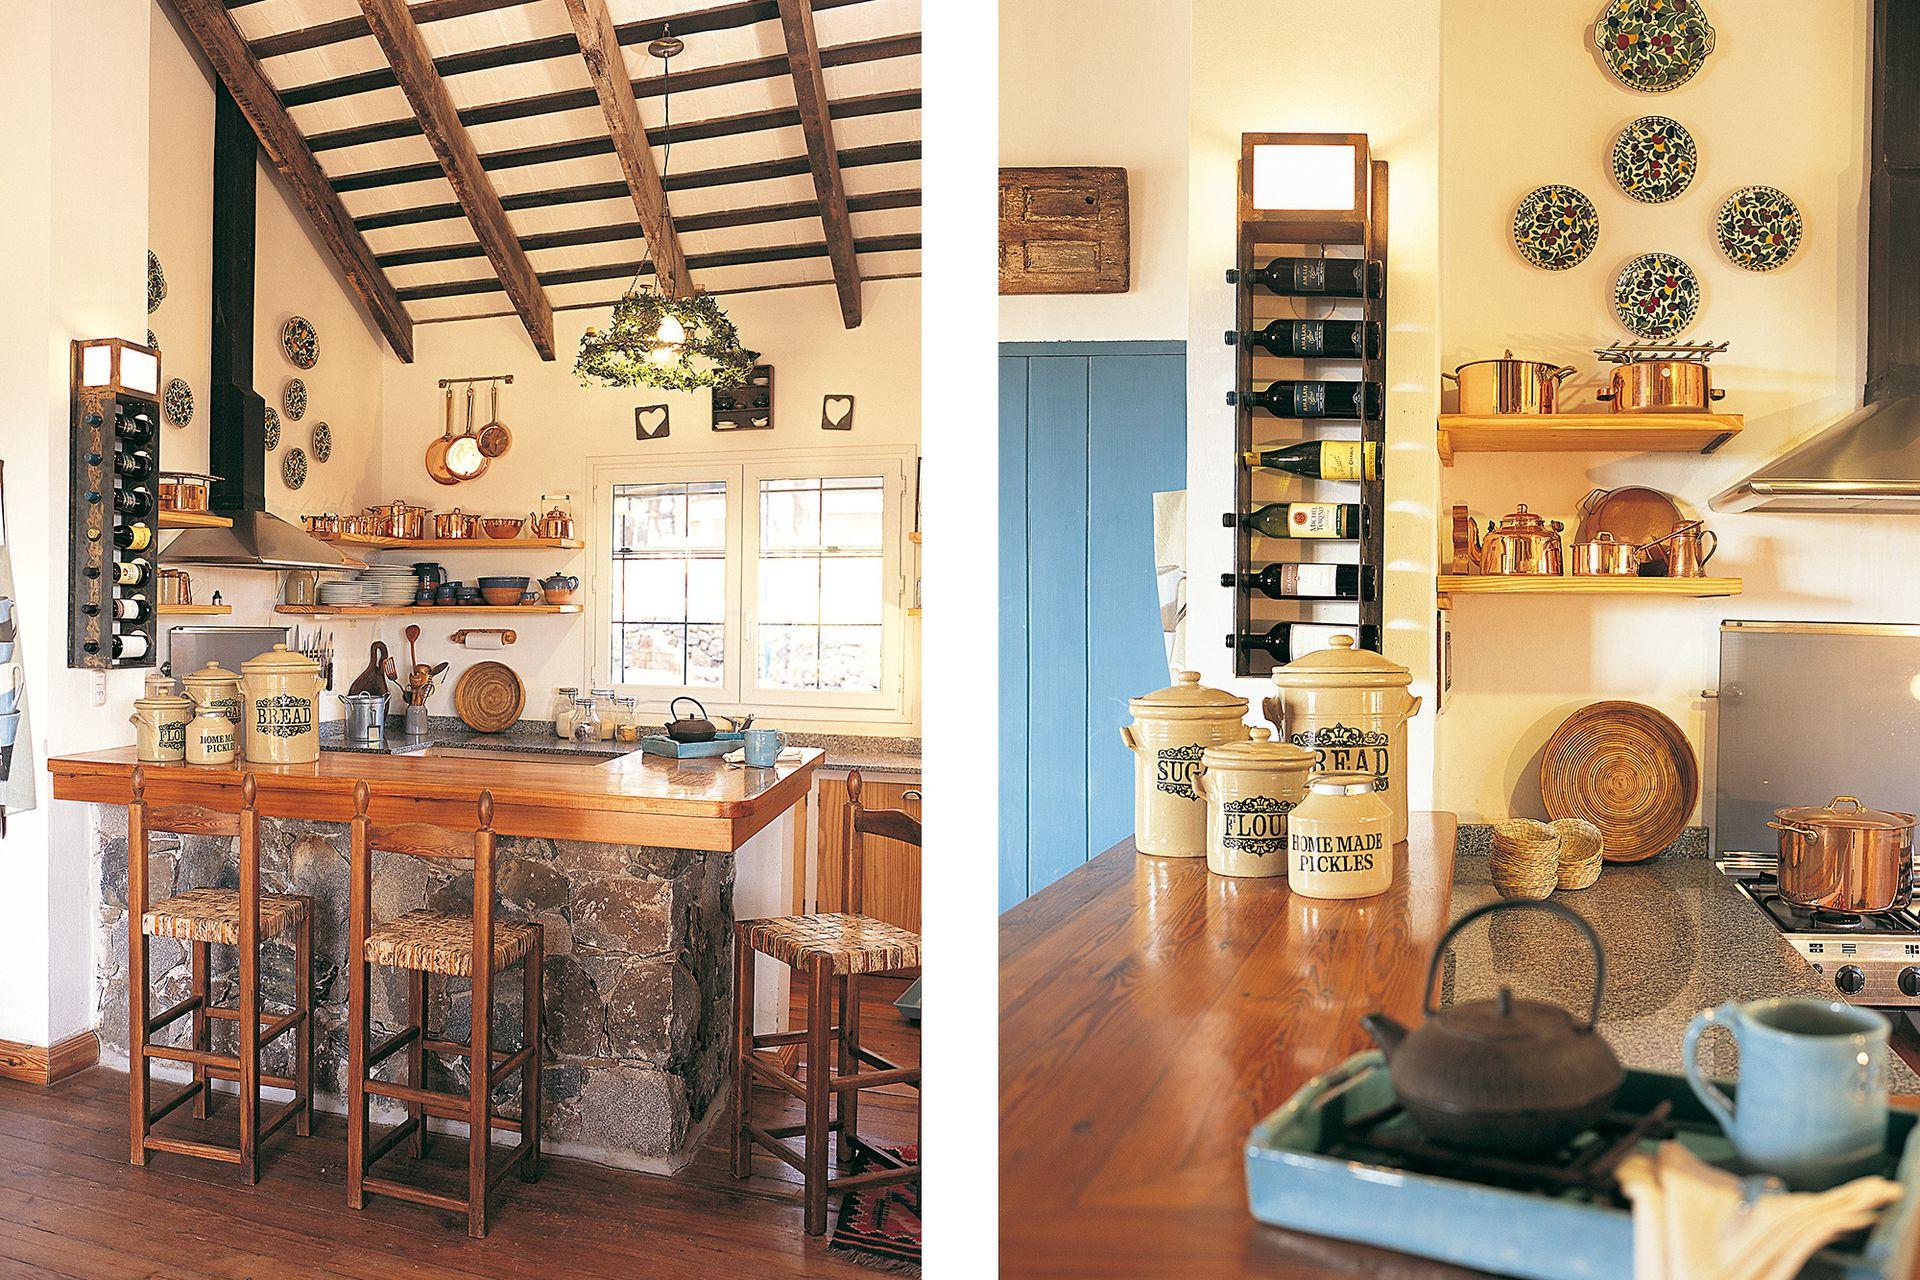 En la cocina, la colección de ollas de bronce y los platos de cerámica pintada invitan a ensayar recetas con la familia y los amigos.